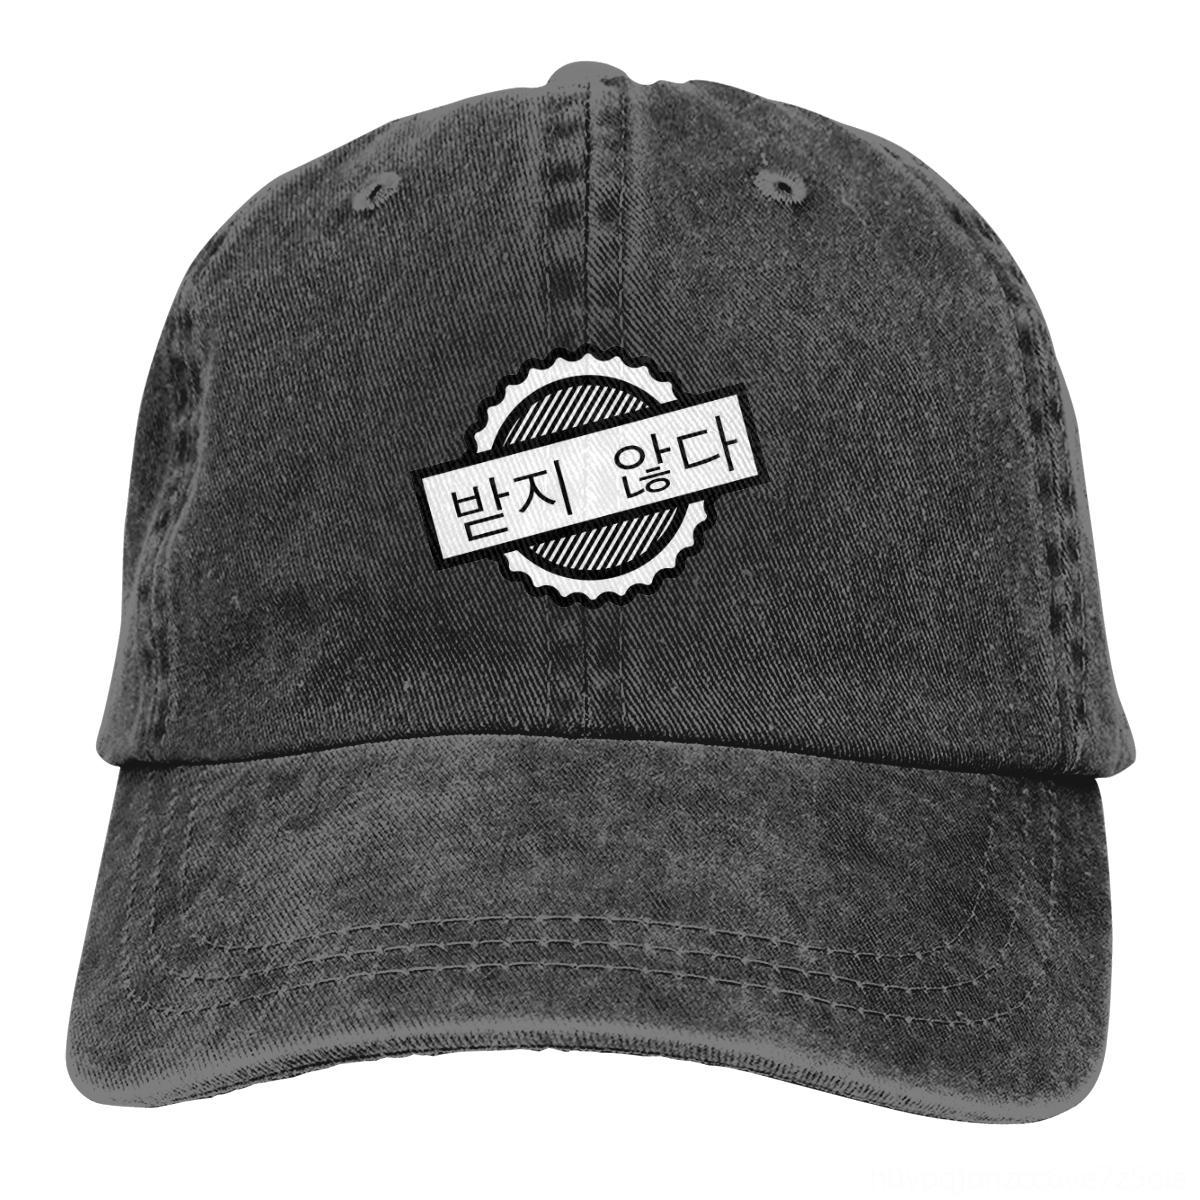 Kusur Siyah Damga yılında Kore Dili Etiket Sticker Retro Şapka s Şapka, Atkı Eldiven Bay Bayan Casual Cap Güneş O için Beyzbol Hat Yıkanmış